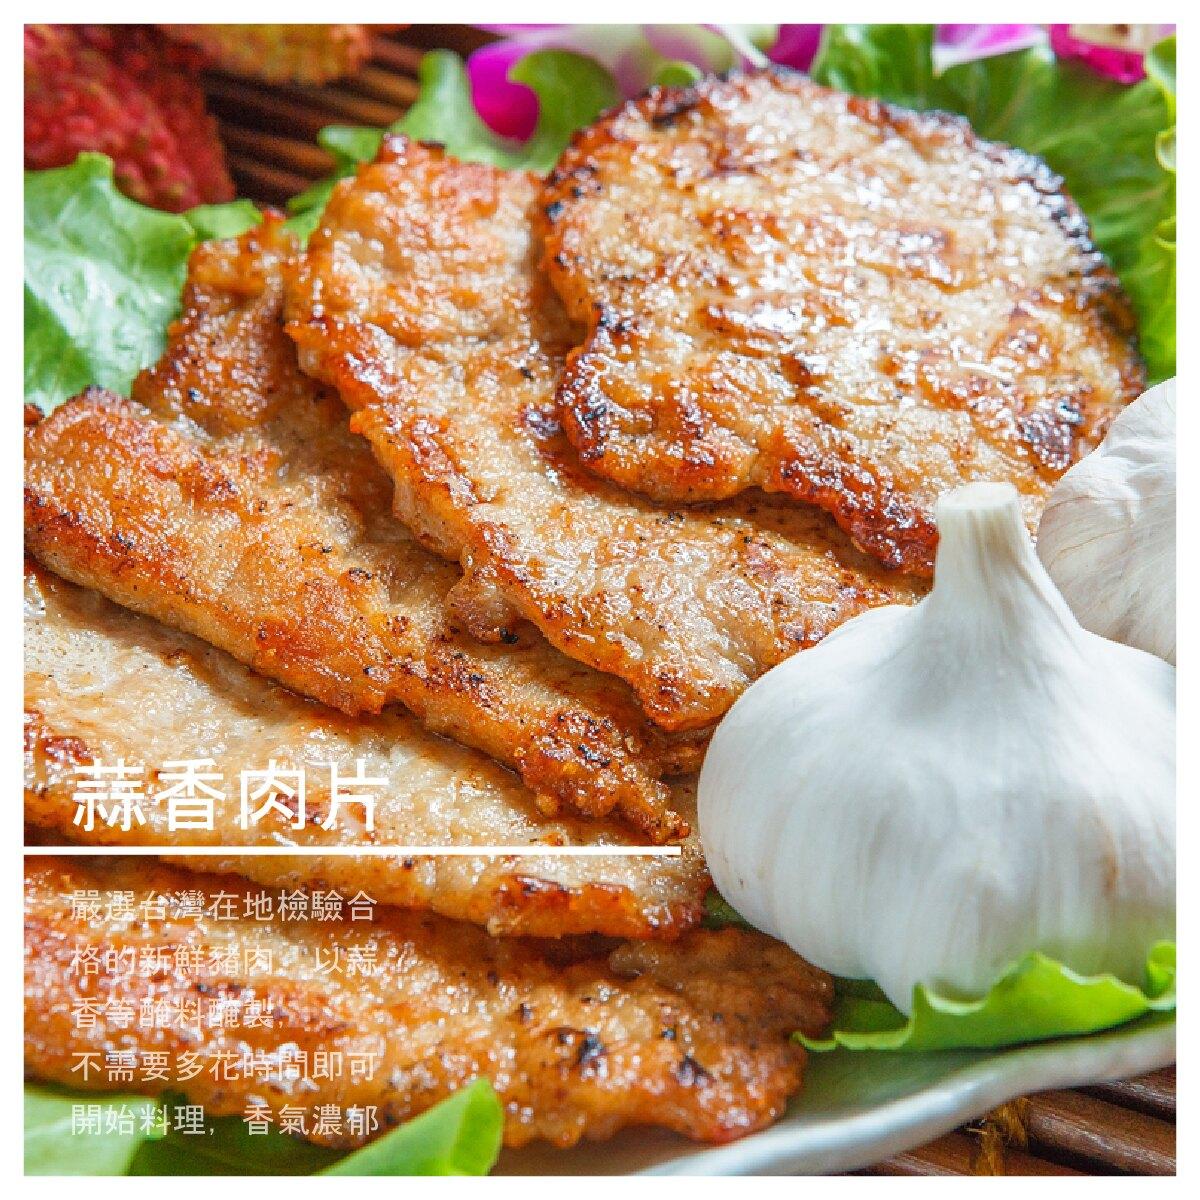 【鄭家肉棧】蒜香肉片 1斤/600g